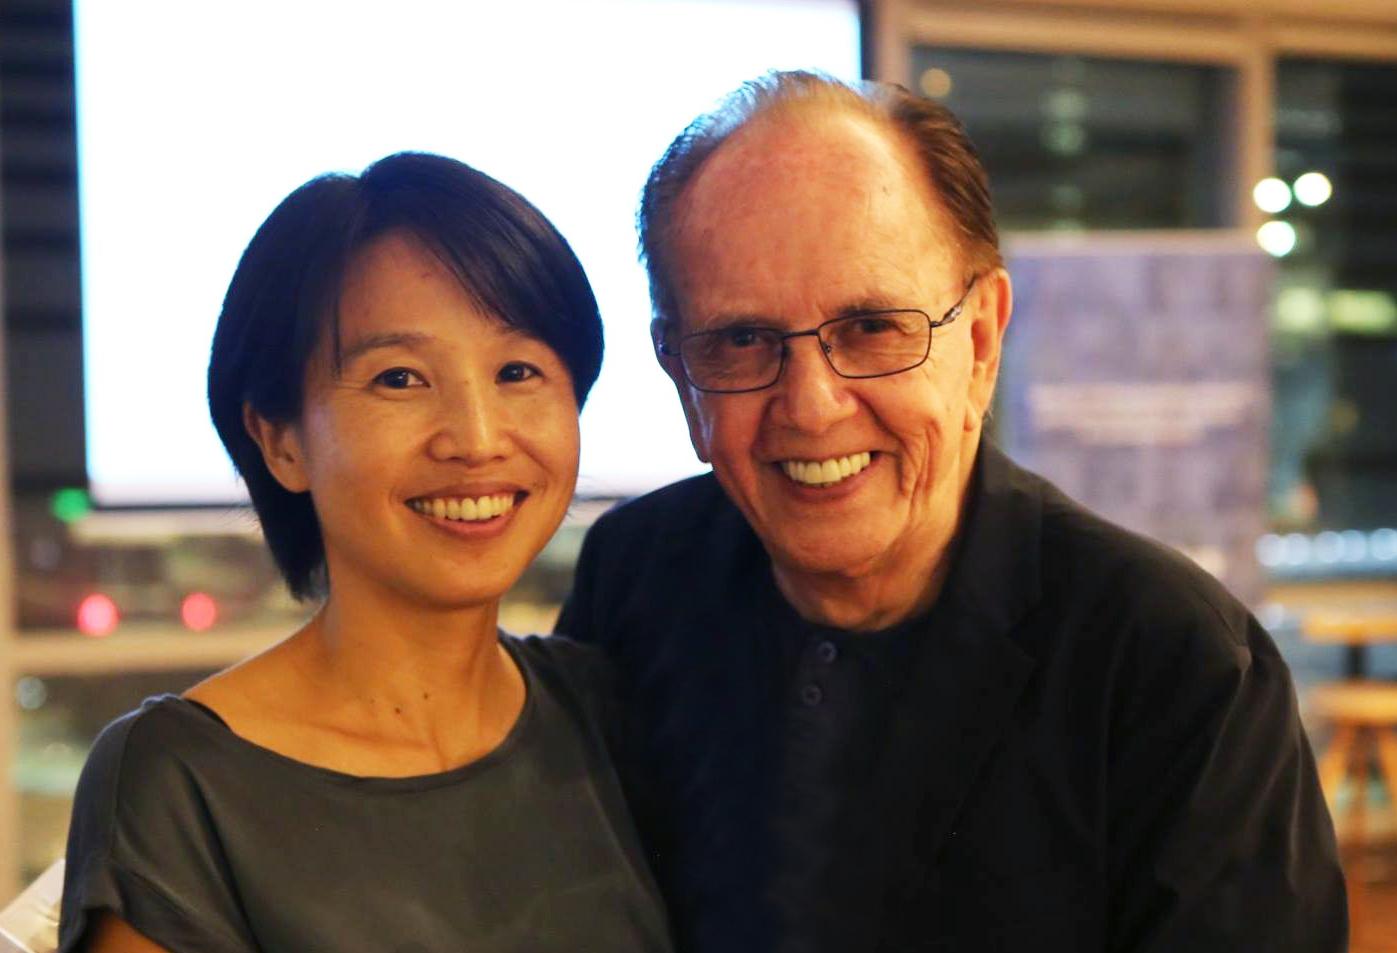 Paul and Masami